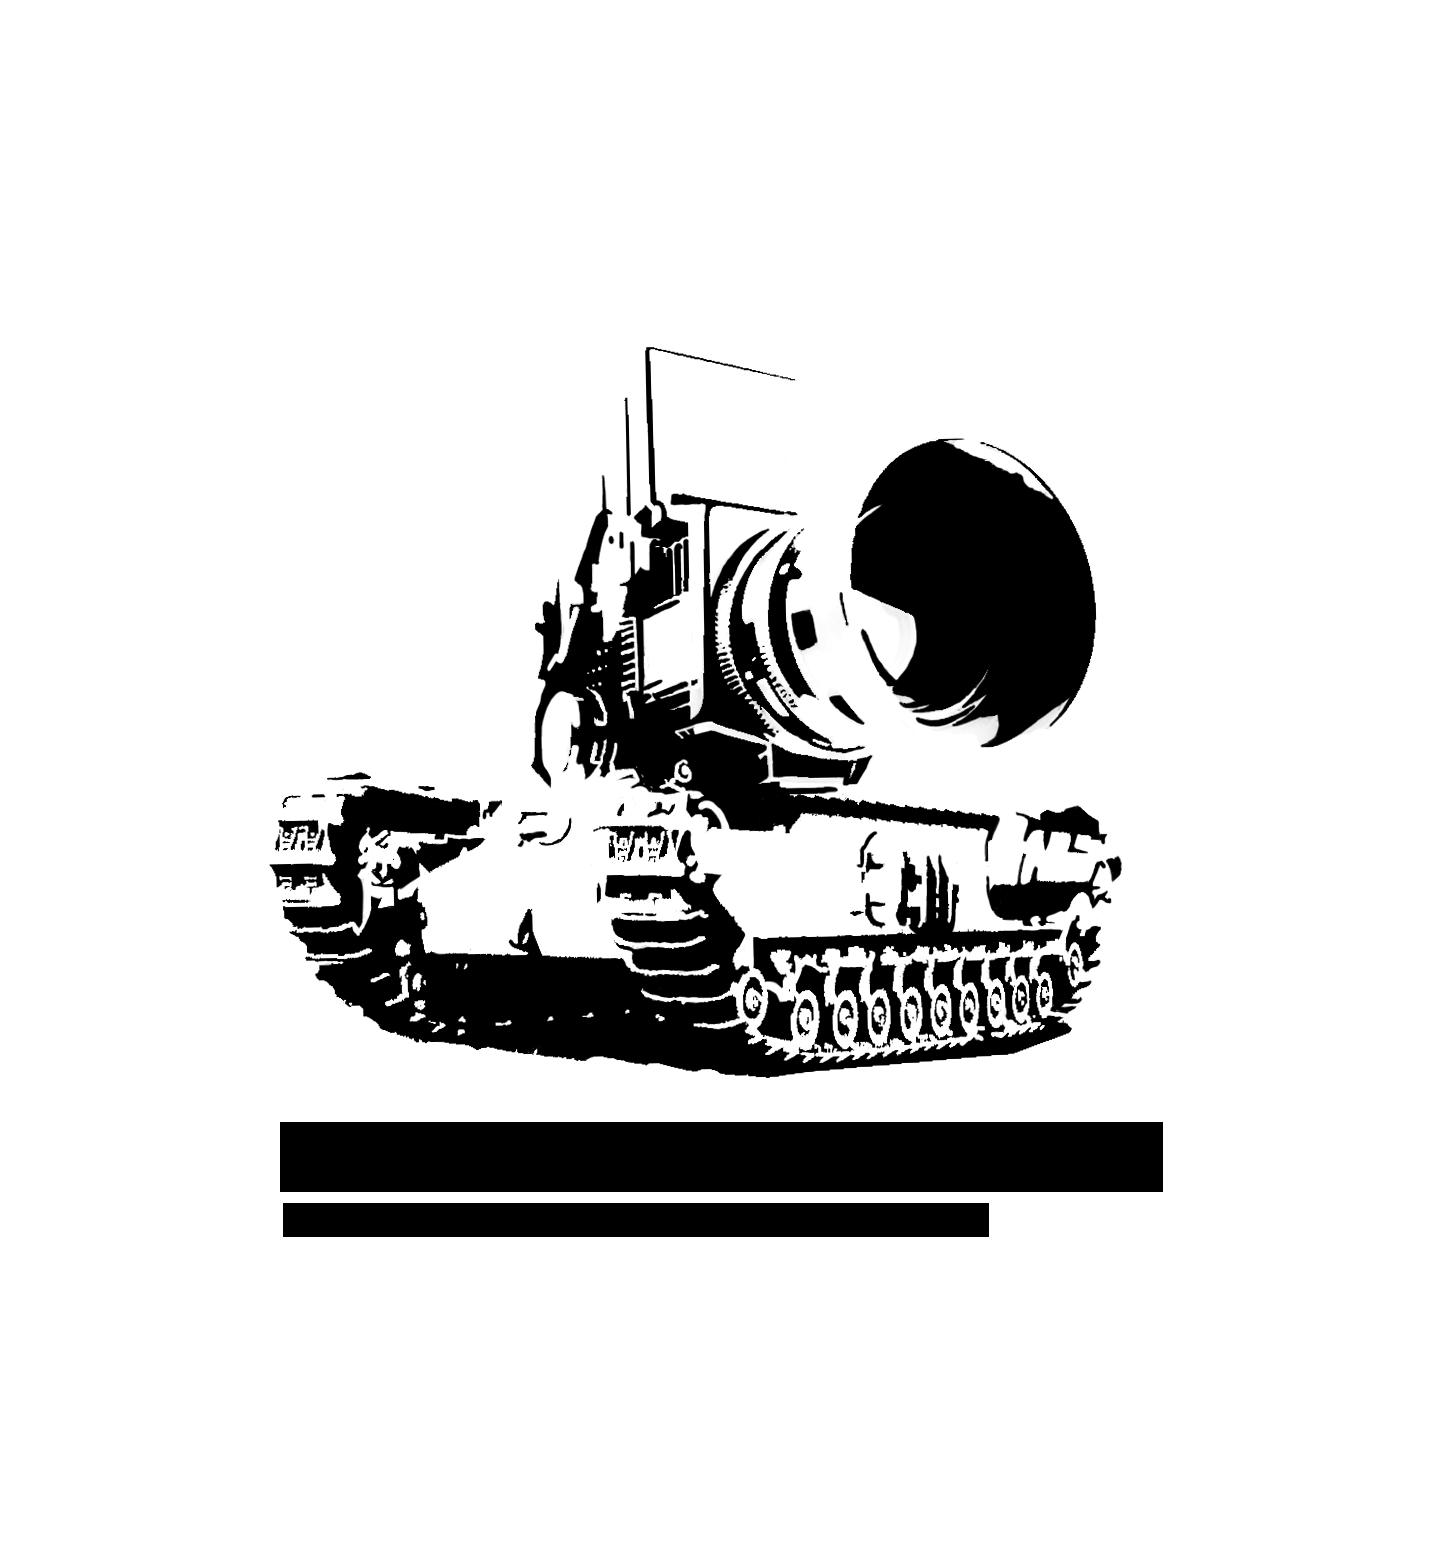 shootmachine